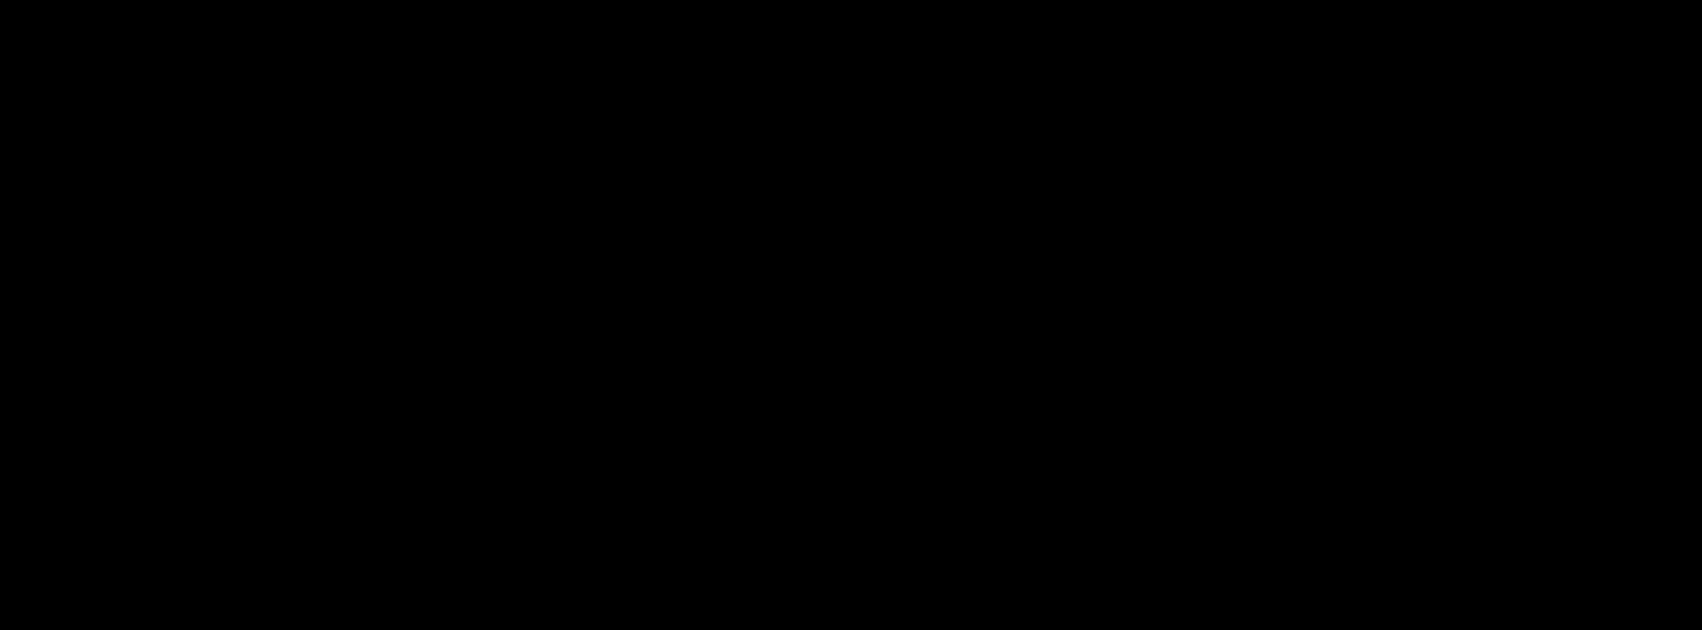 livingfaerie's Signature